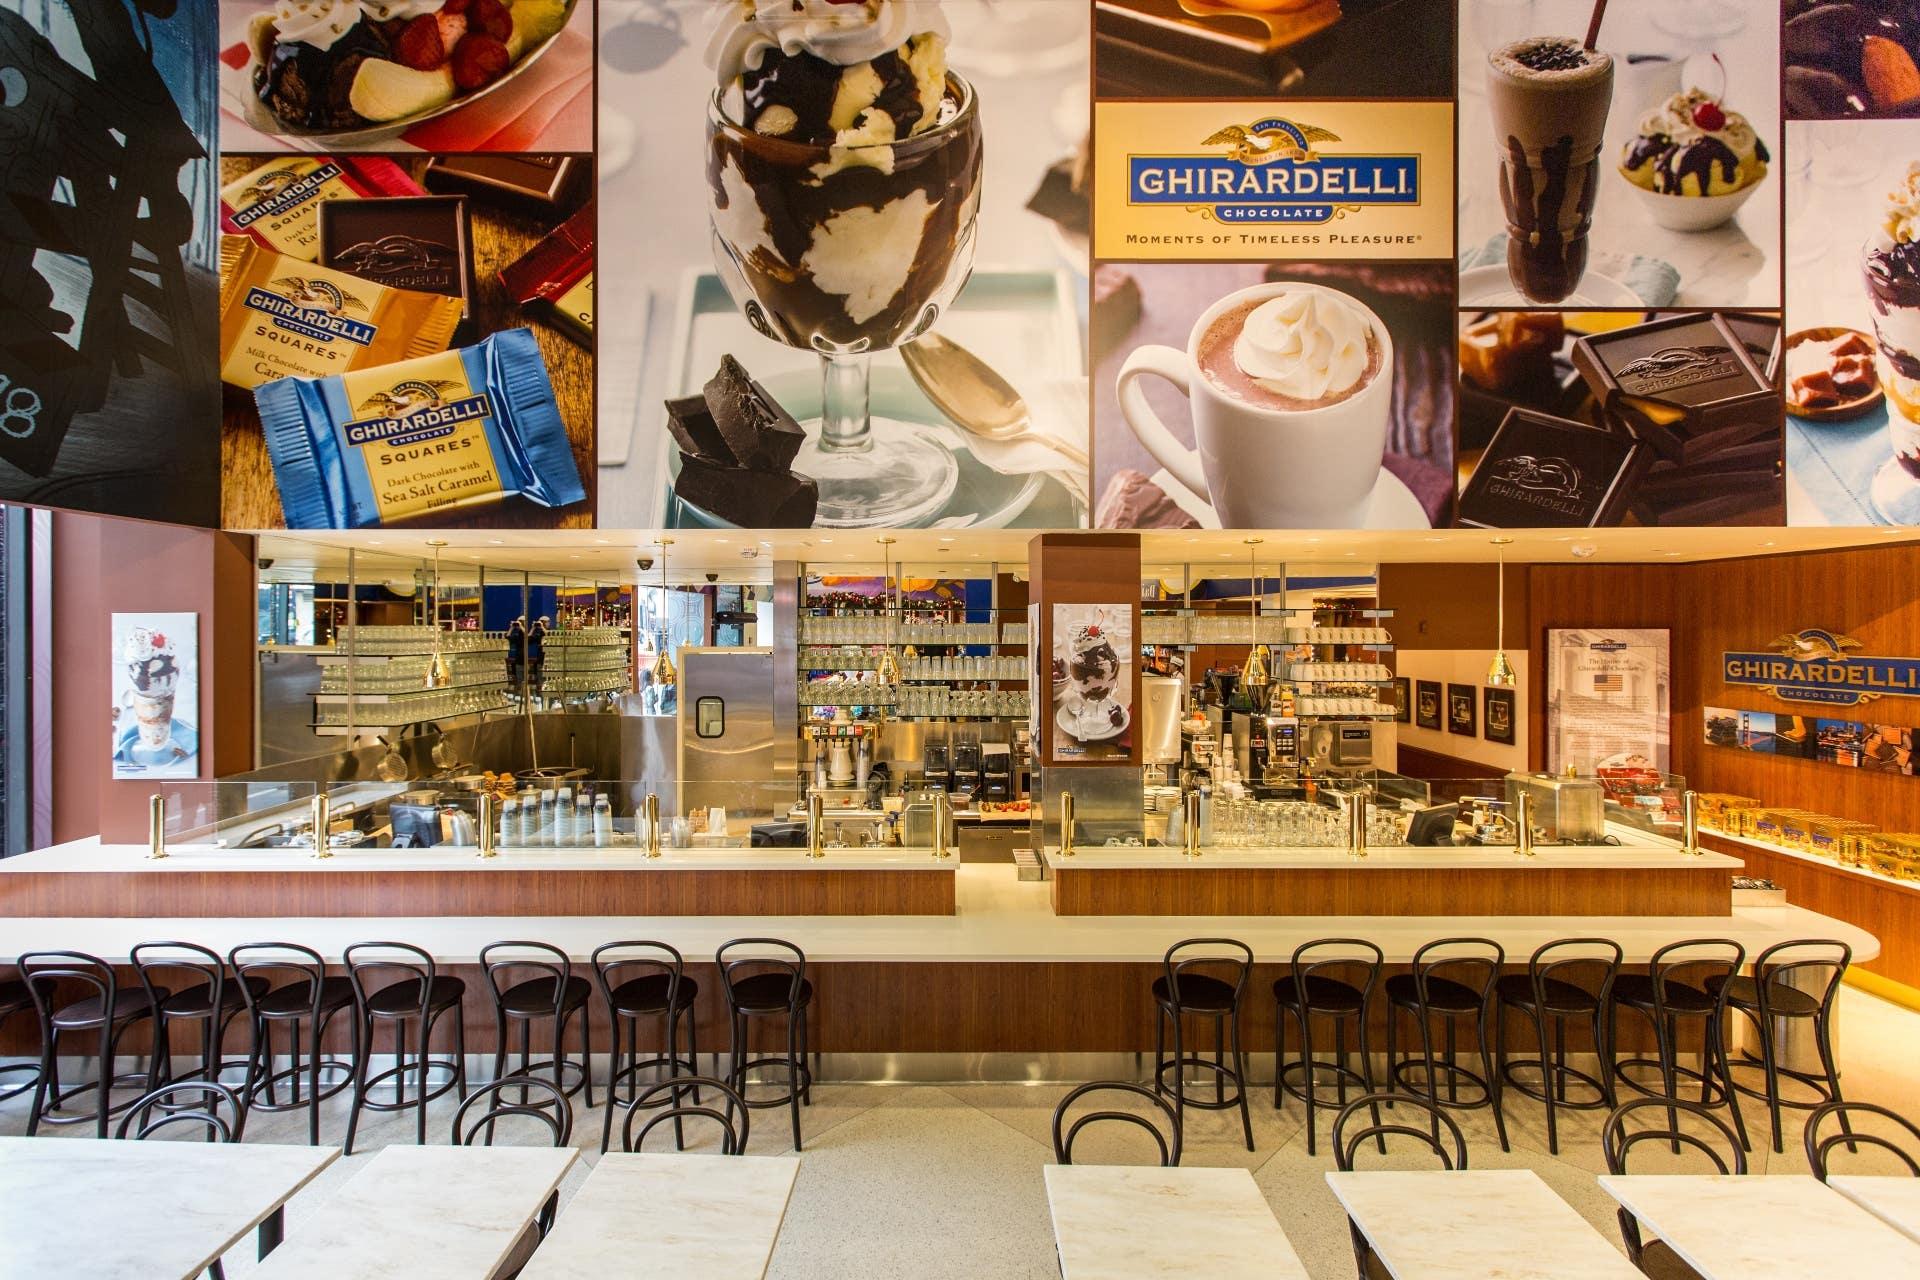 Ghirardelli Soda Fountain & Chocolate Shop in Hollywood